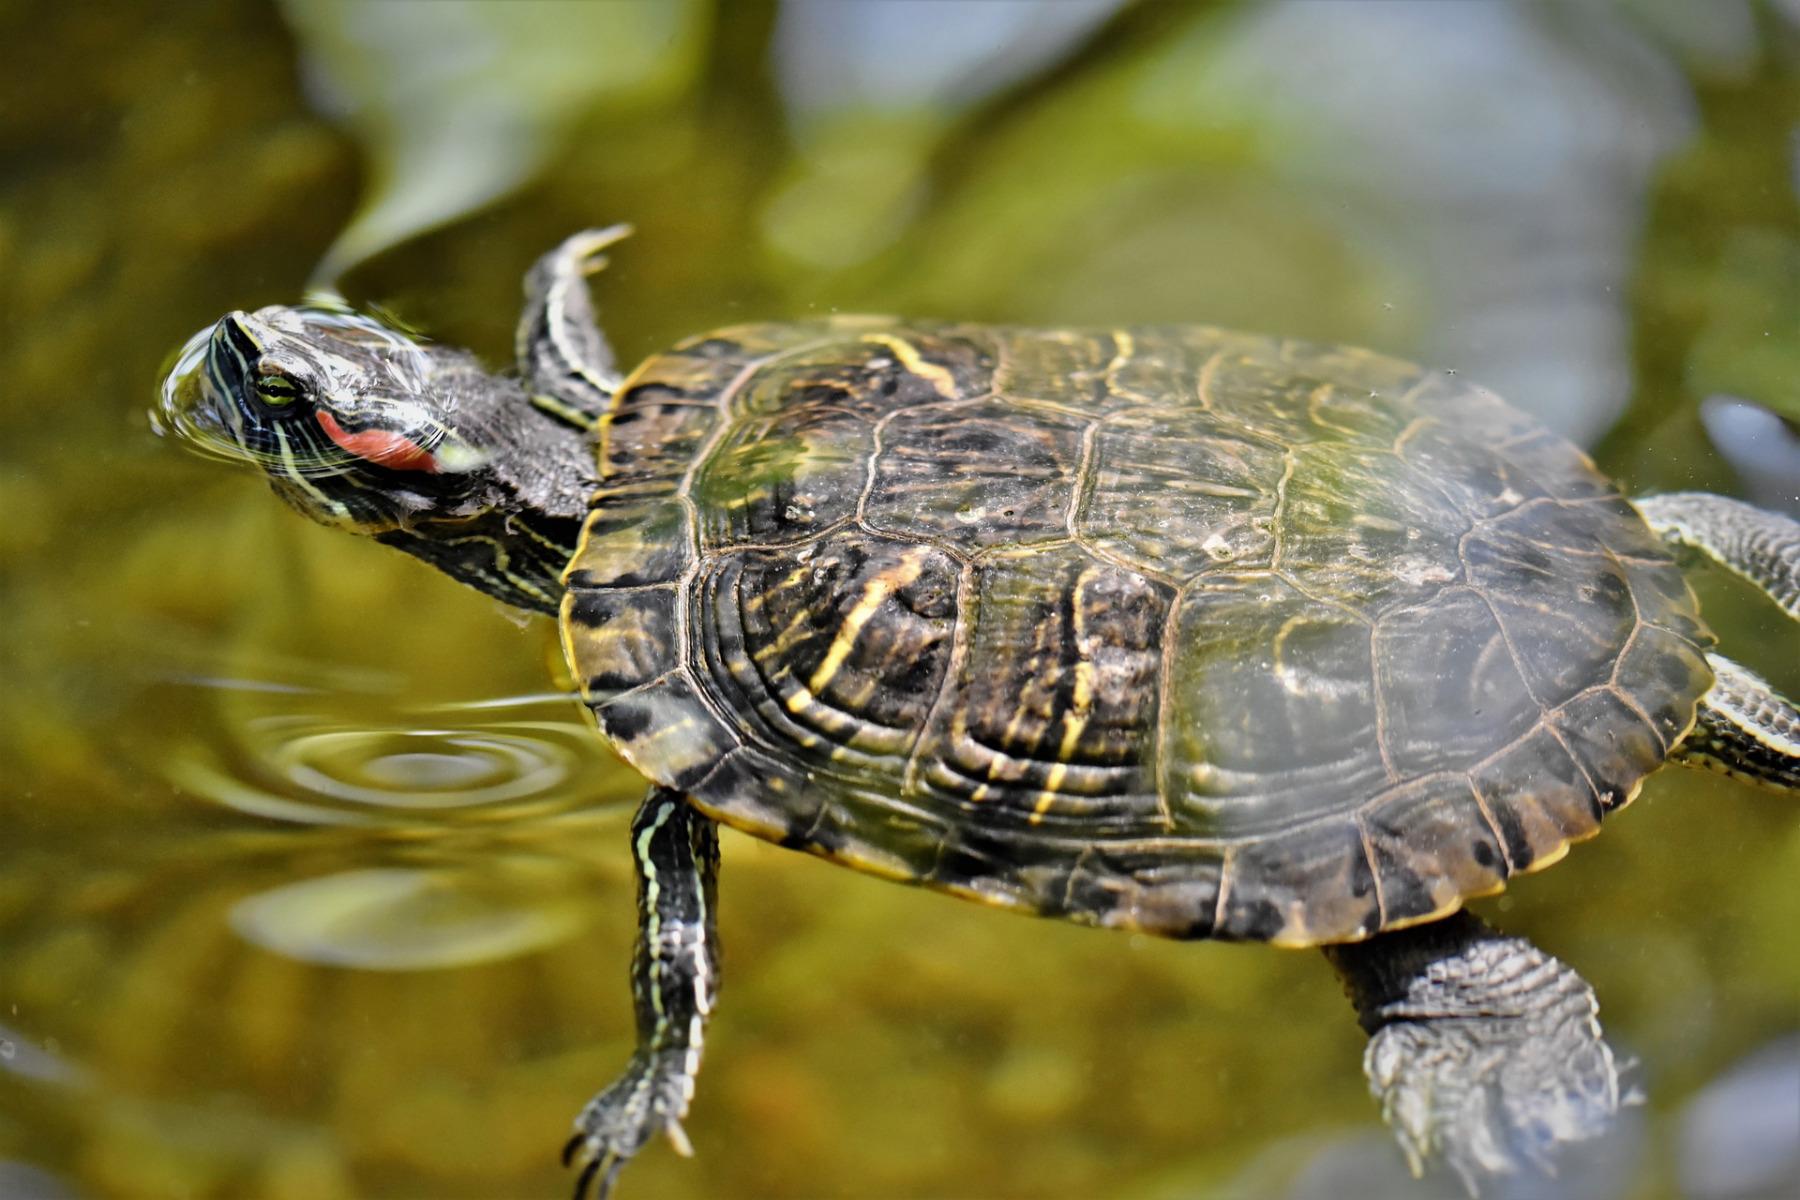 turtles-4832203_1920